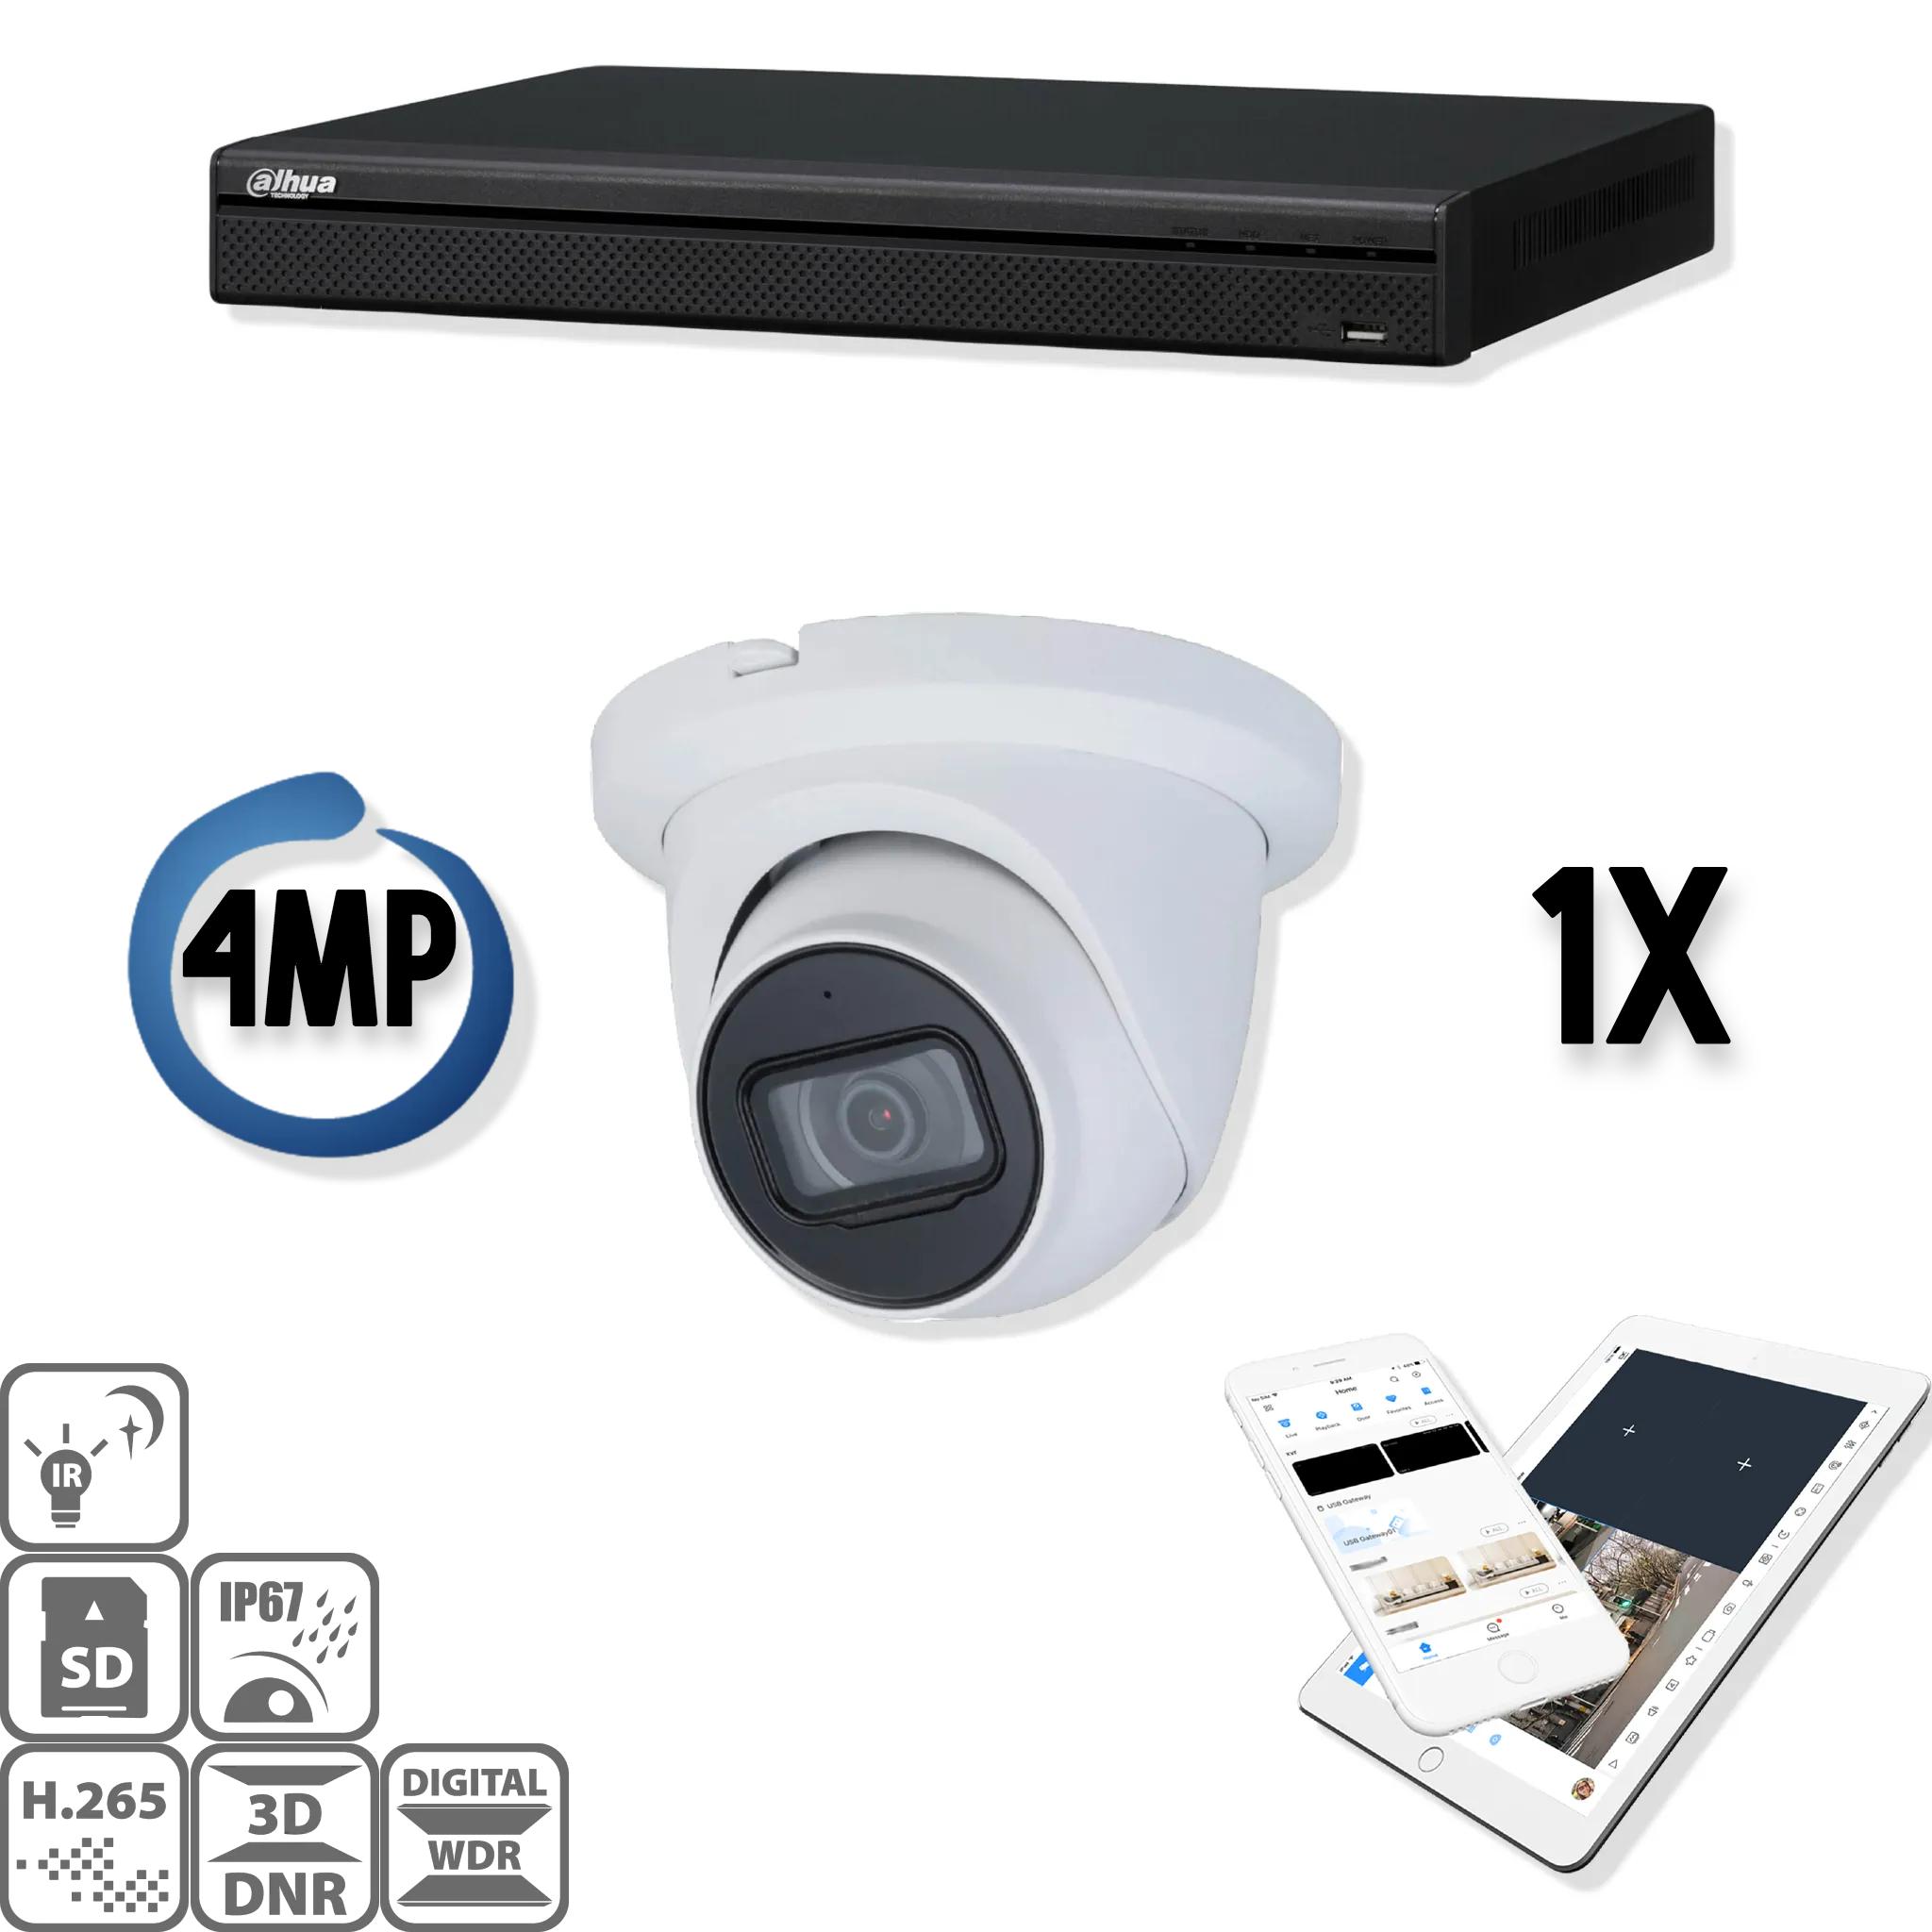 Un set con una fotocamera speciale con una buona visione notturna! Infrarossi separati, quindi niente più problemi con la riflessione a infrarossi dal vetro sporco! Il kit IP Dahua 1x set di sicurezza per telecamera Full HD Eyball 4MP contiene 1 telecamer